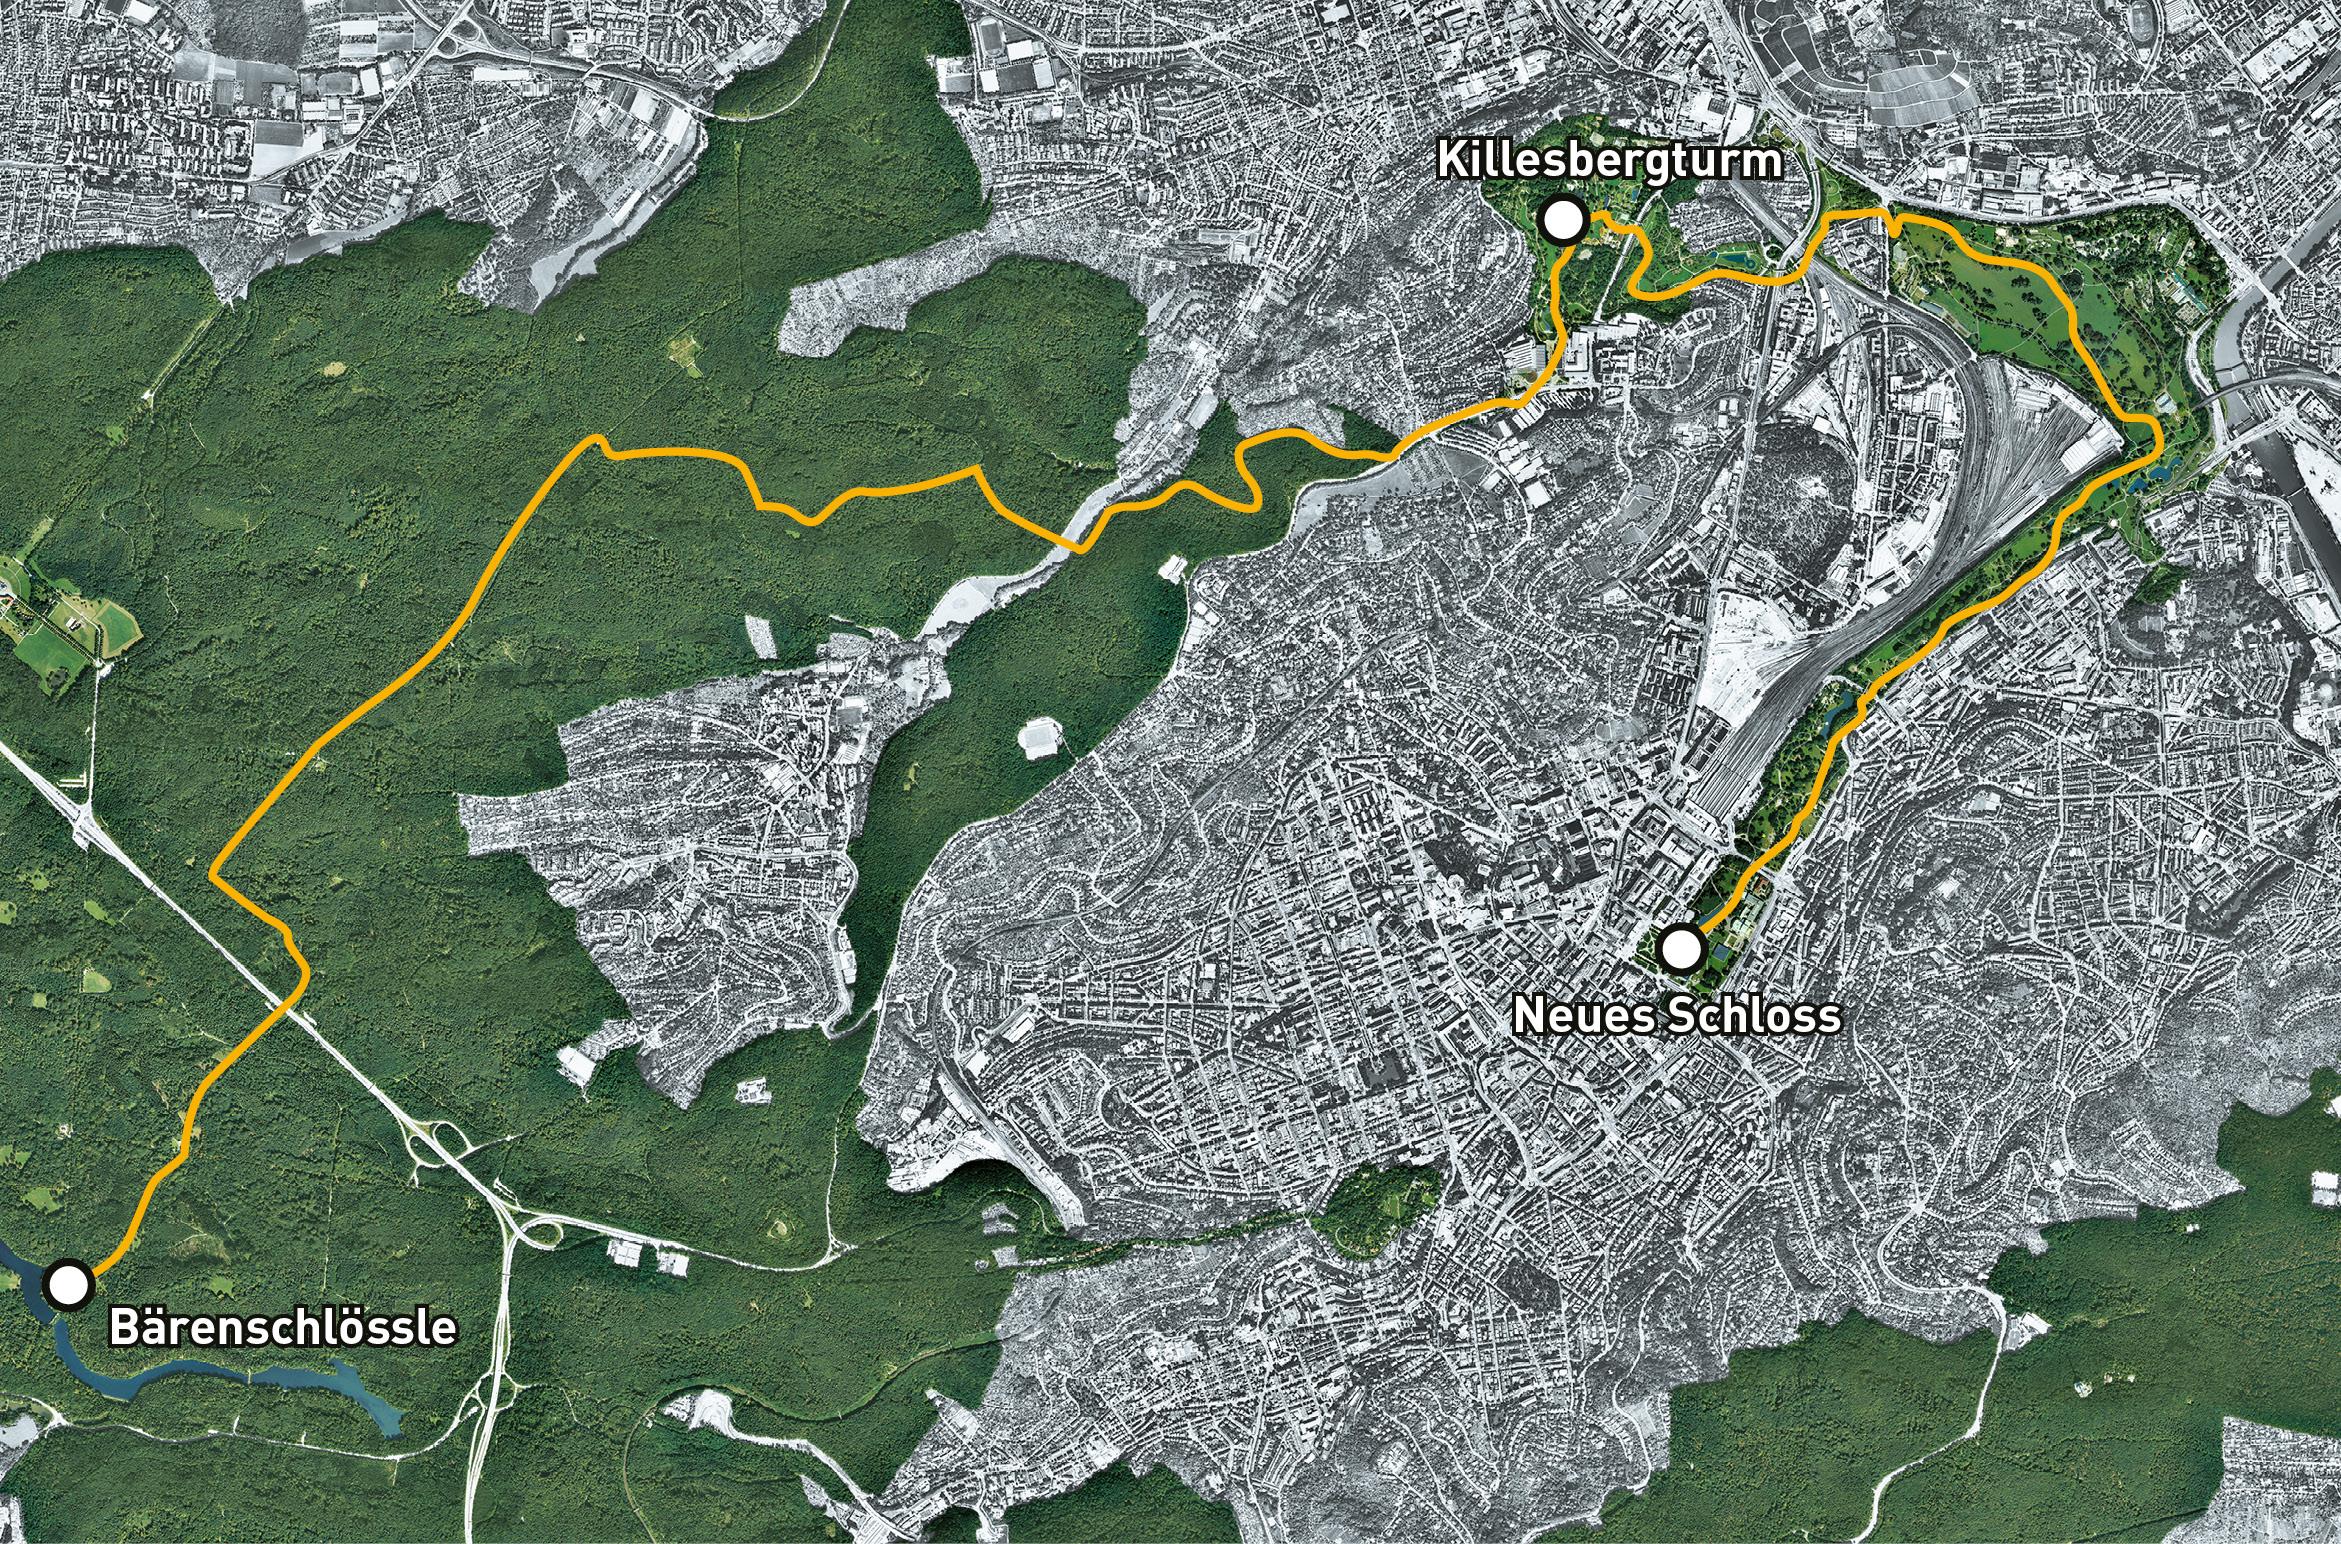 Von der Stadt in die Landschaft –  ein 18 Kilometer langer Stadtspaziergang durch die Natur …